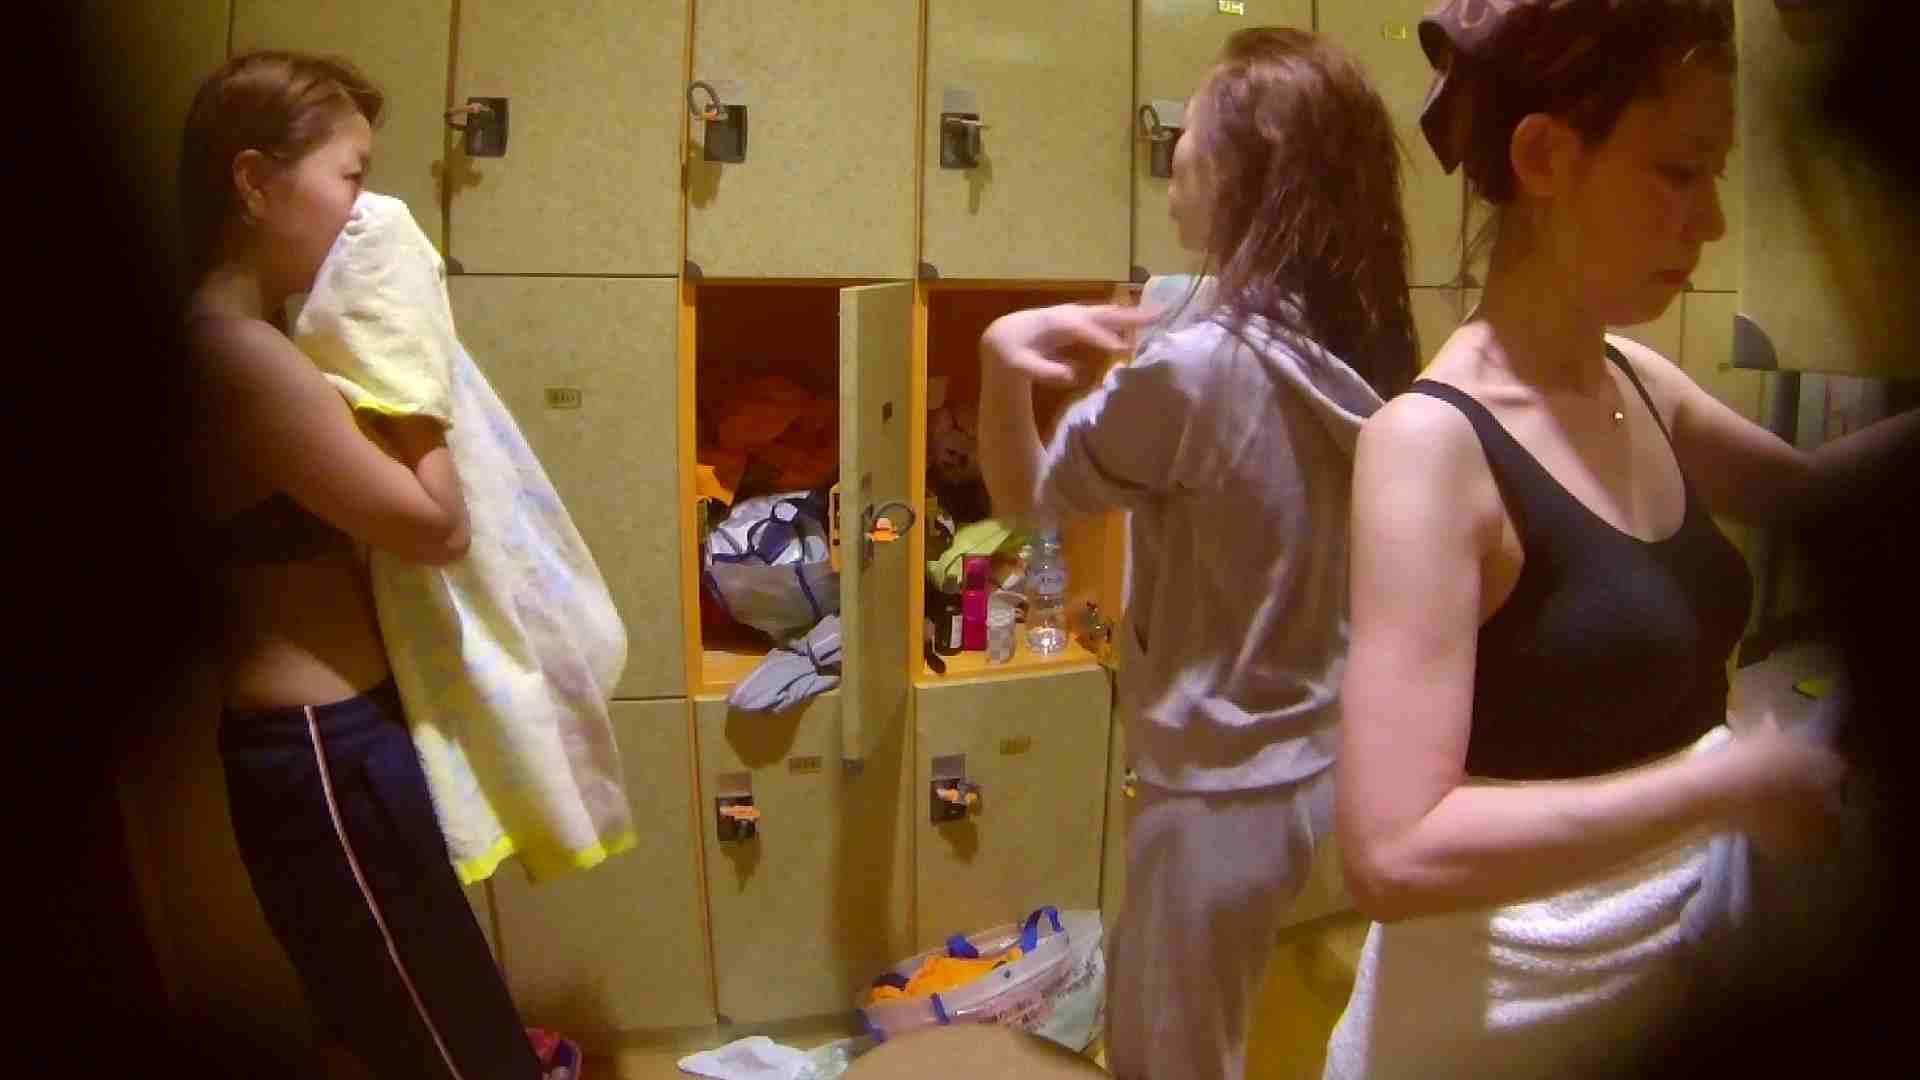 追い撮り!脱衣~洗い場、そして着替え、髪を乾かすまで完全追跡。 ギャル達 えろ無修正画像 84枚 79